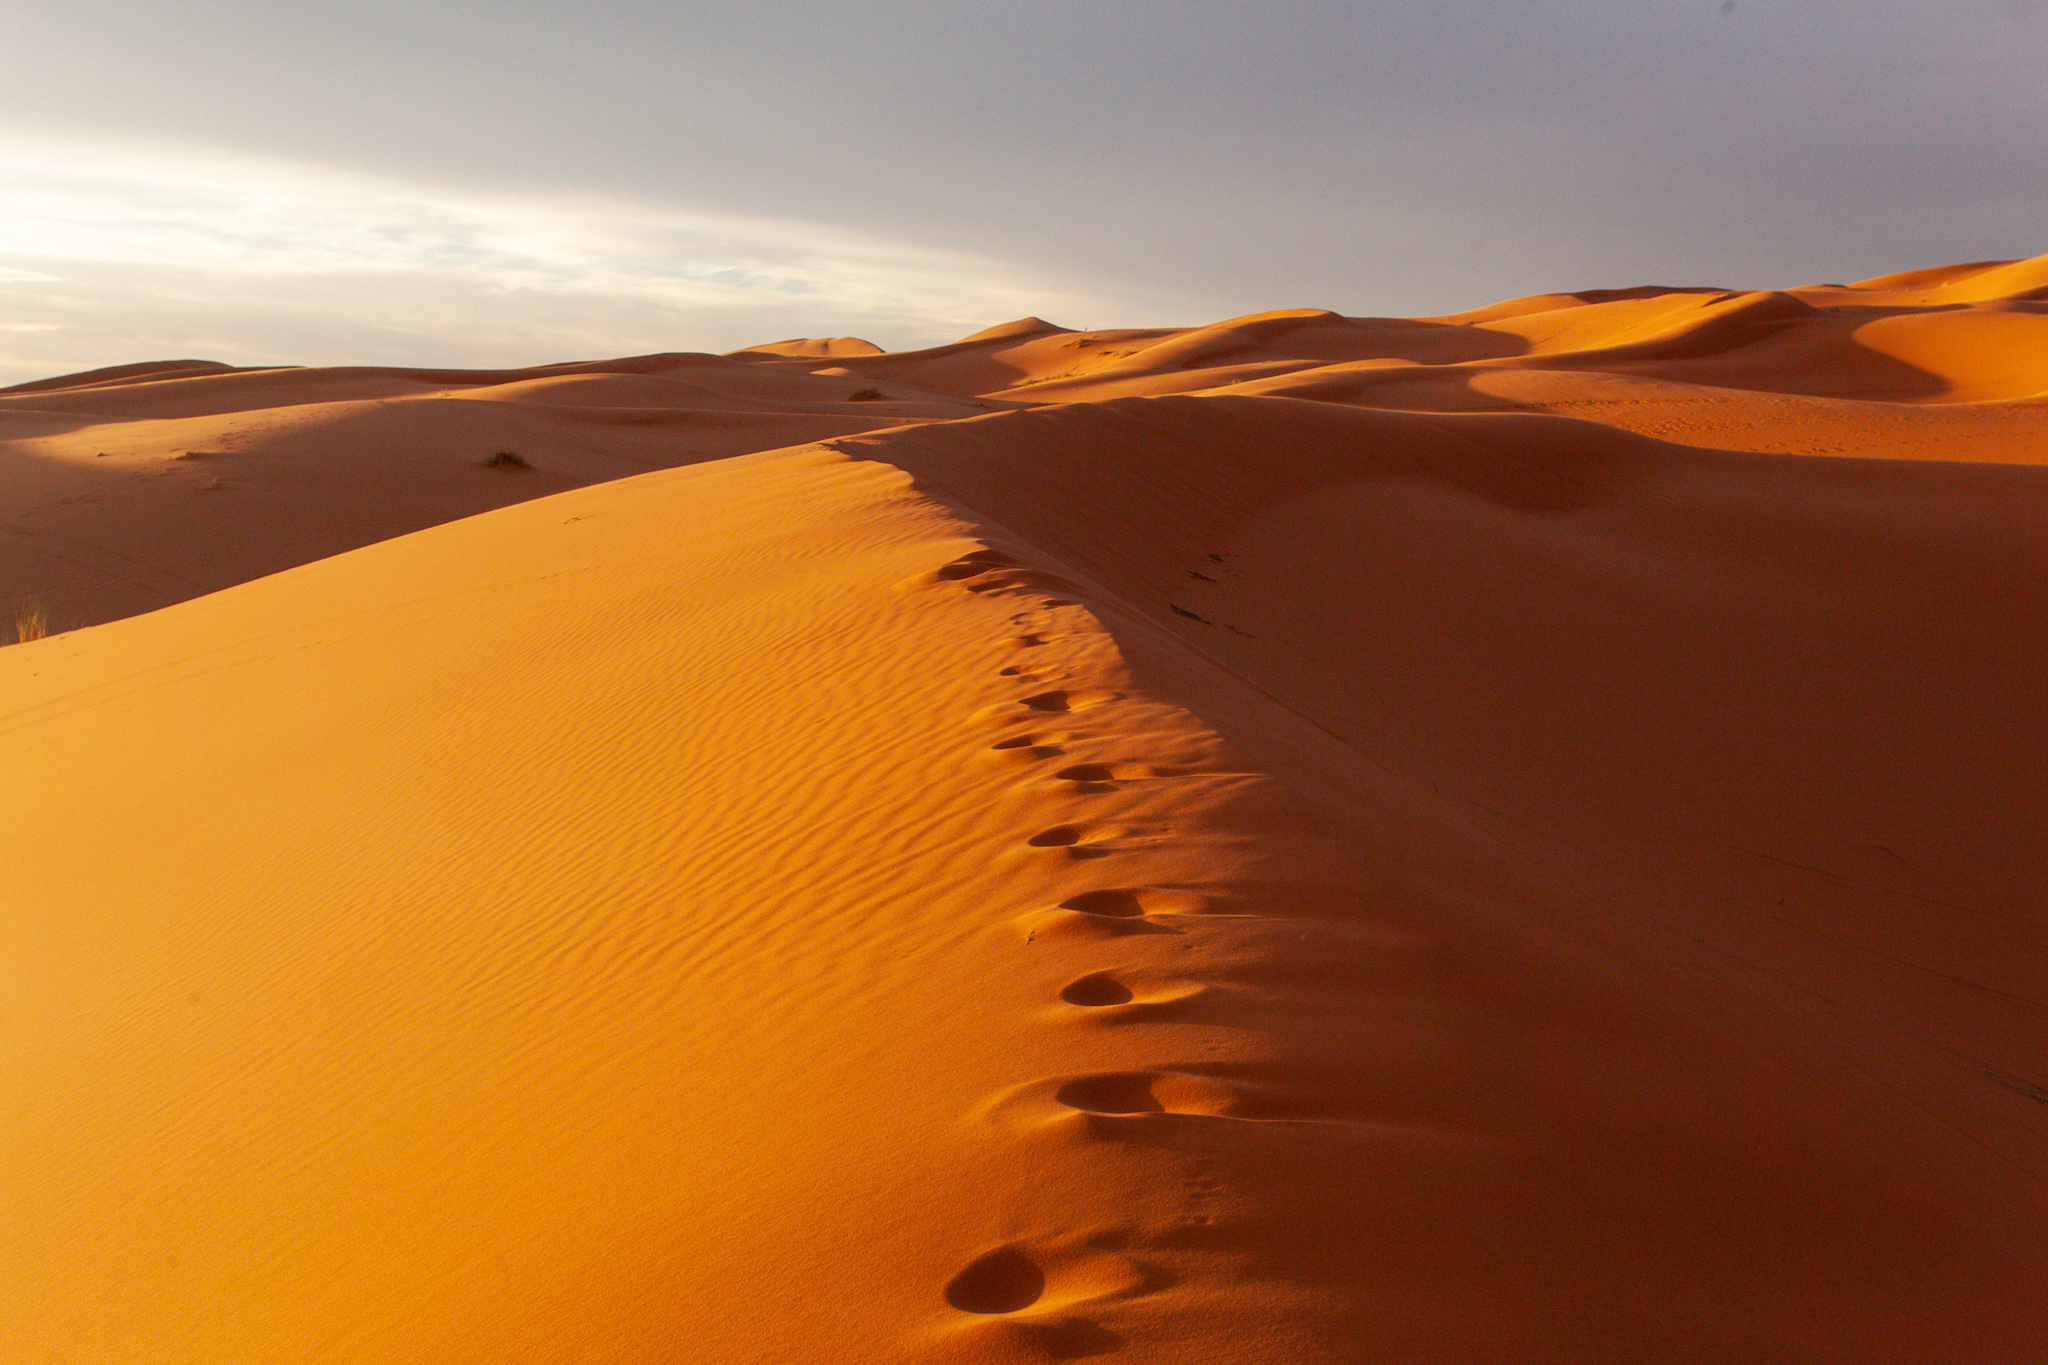 Erg Chebbi - poušť a stopy v písku